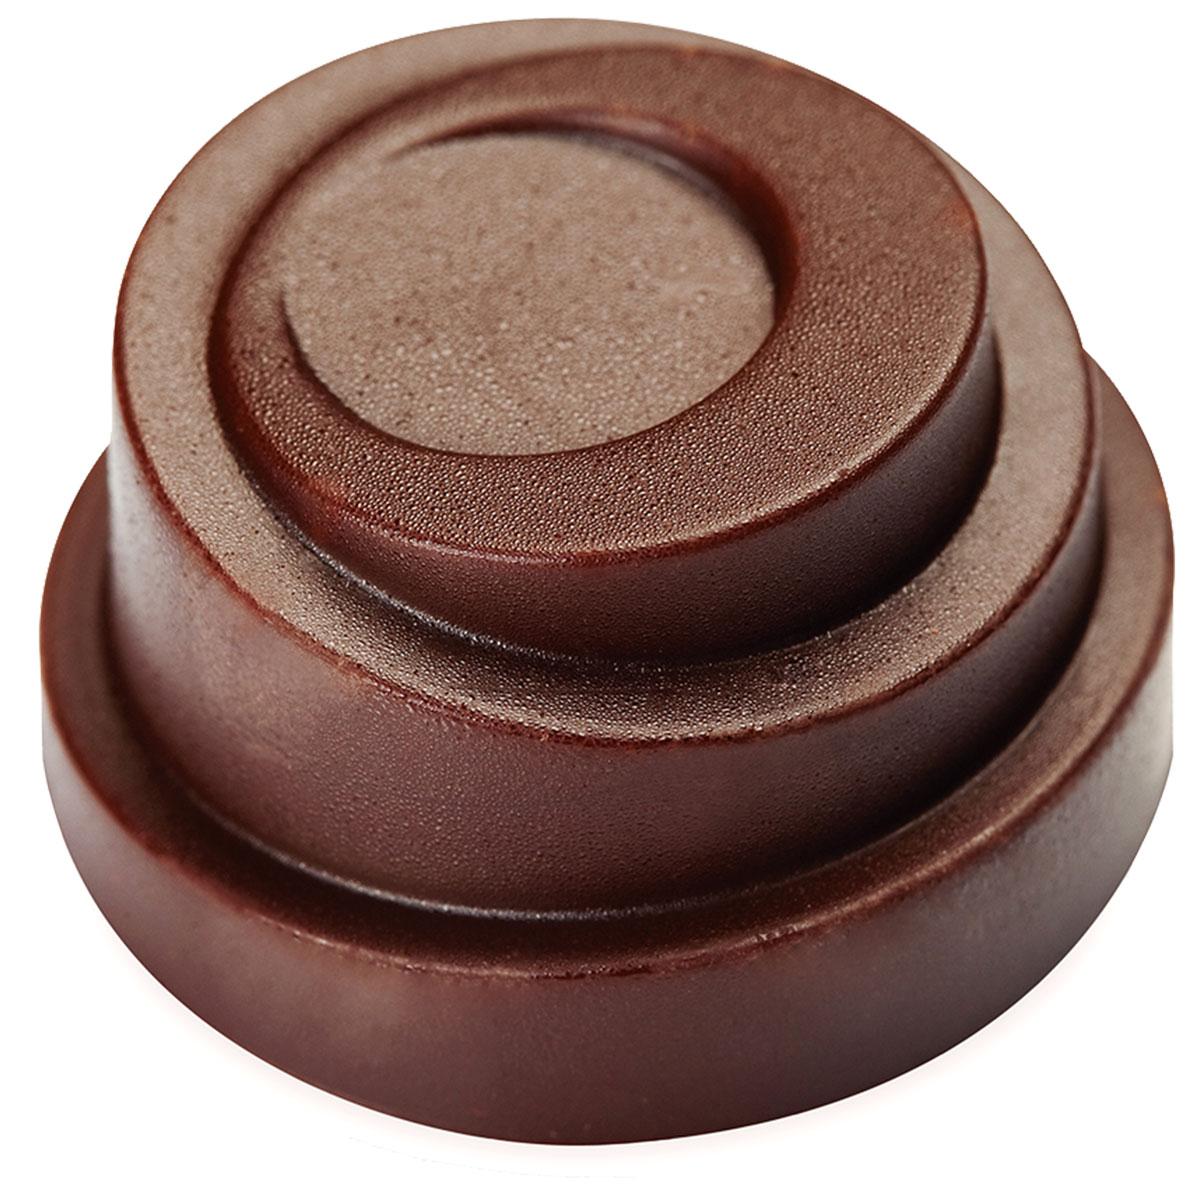 Image of   H. W. Larsen chokoladeform - Pavoni - Model 8PC11